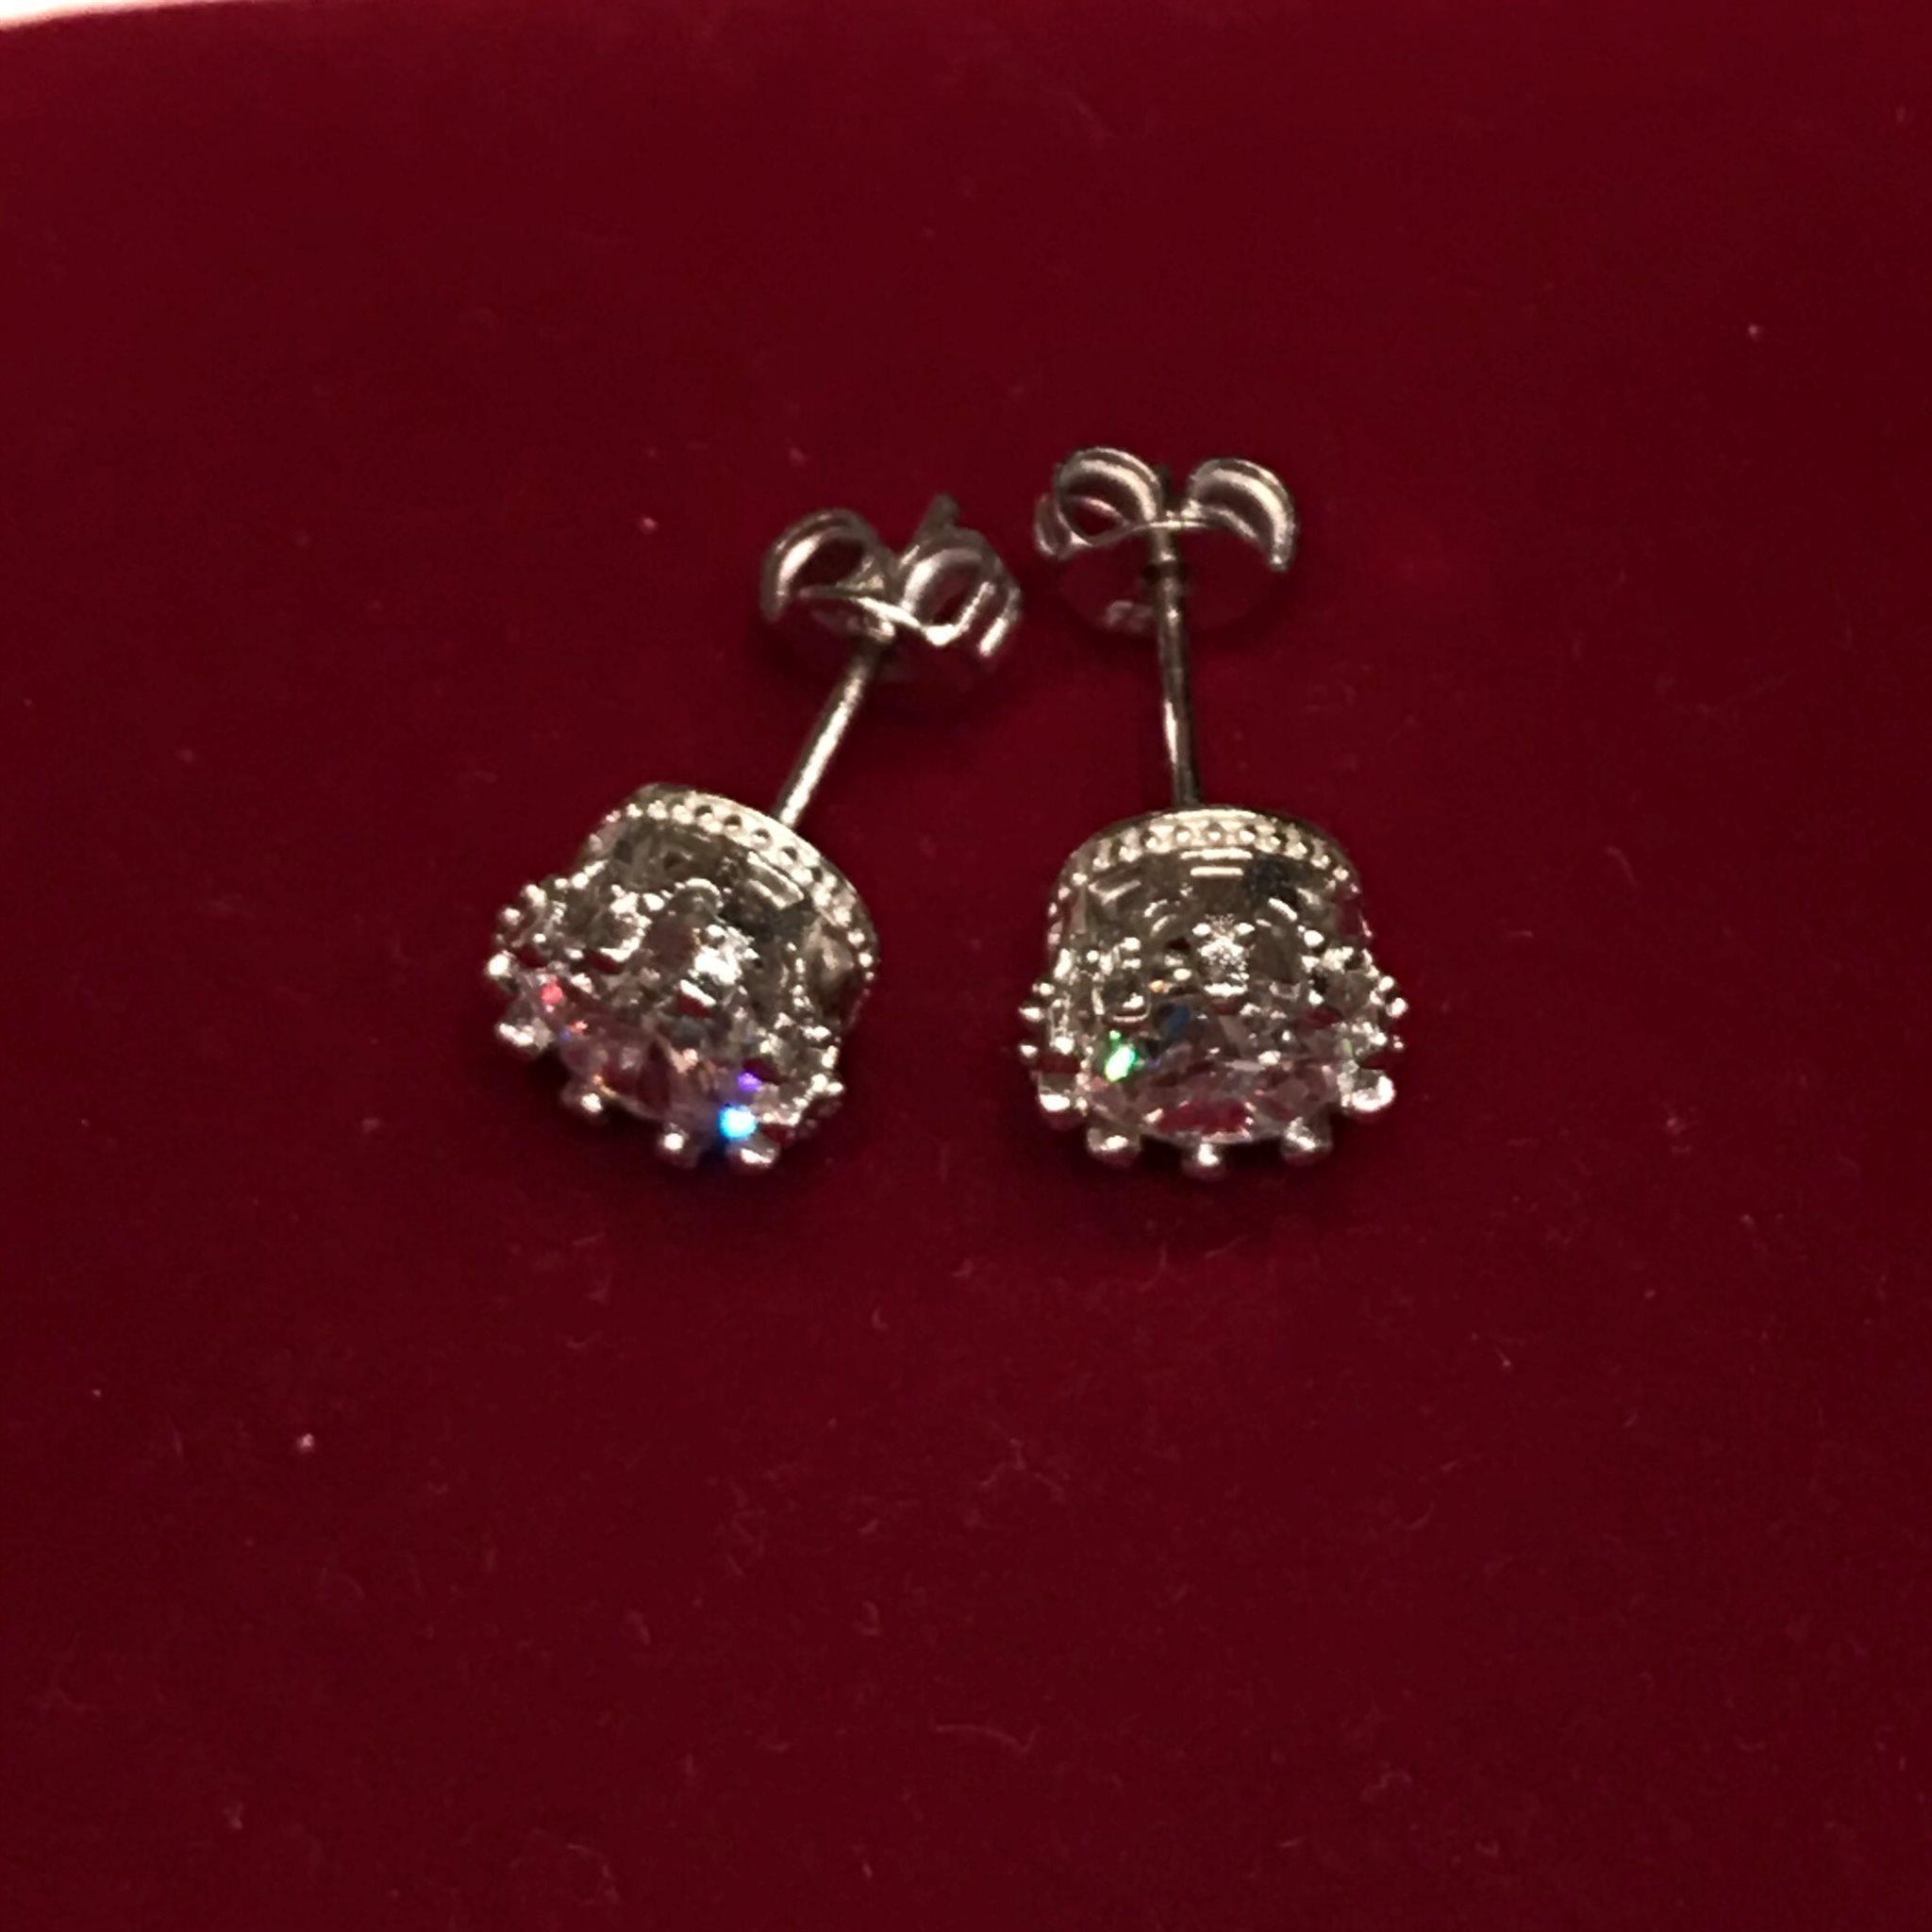 NY Örhängen Zirconia Cubic 2ct   925 Silver Prov Stamp Fashion Style Stylish 45a0d0f01ba8e